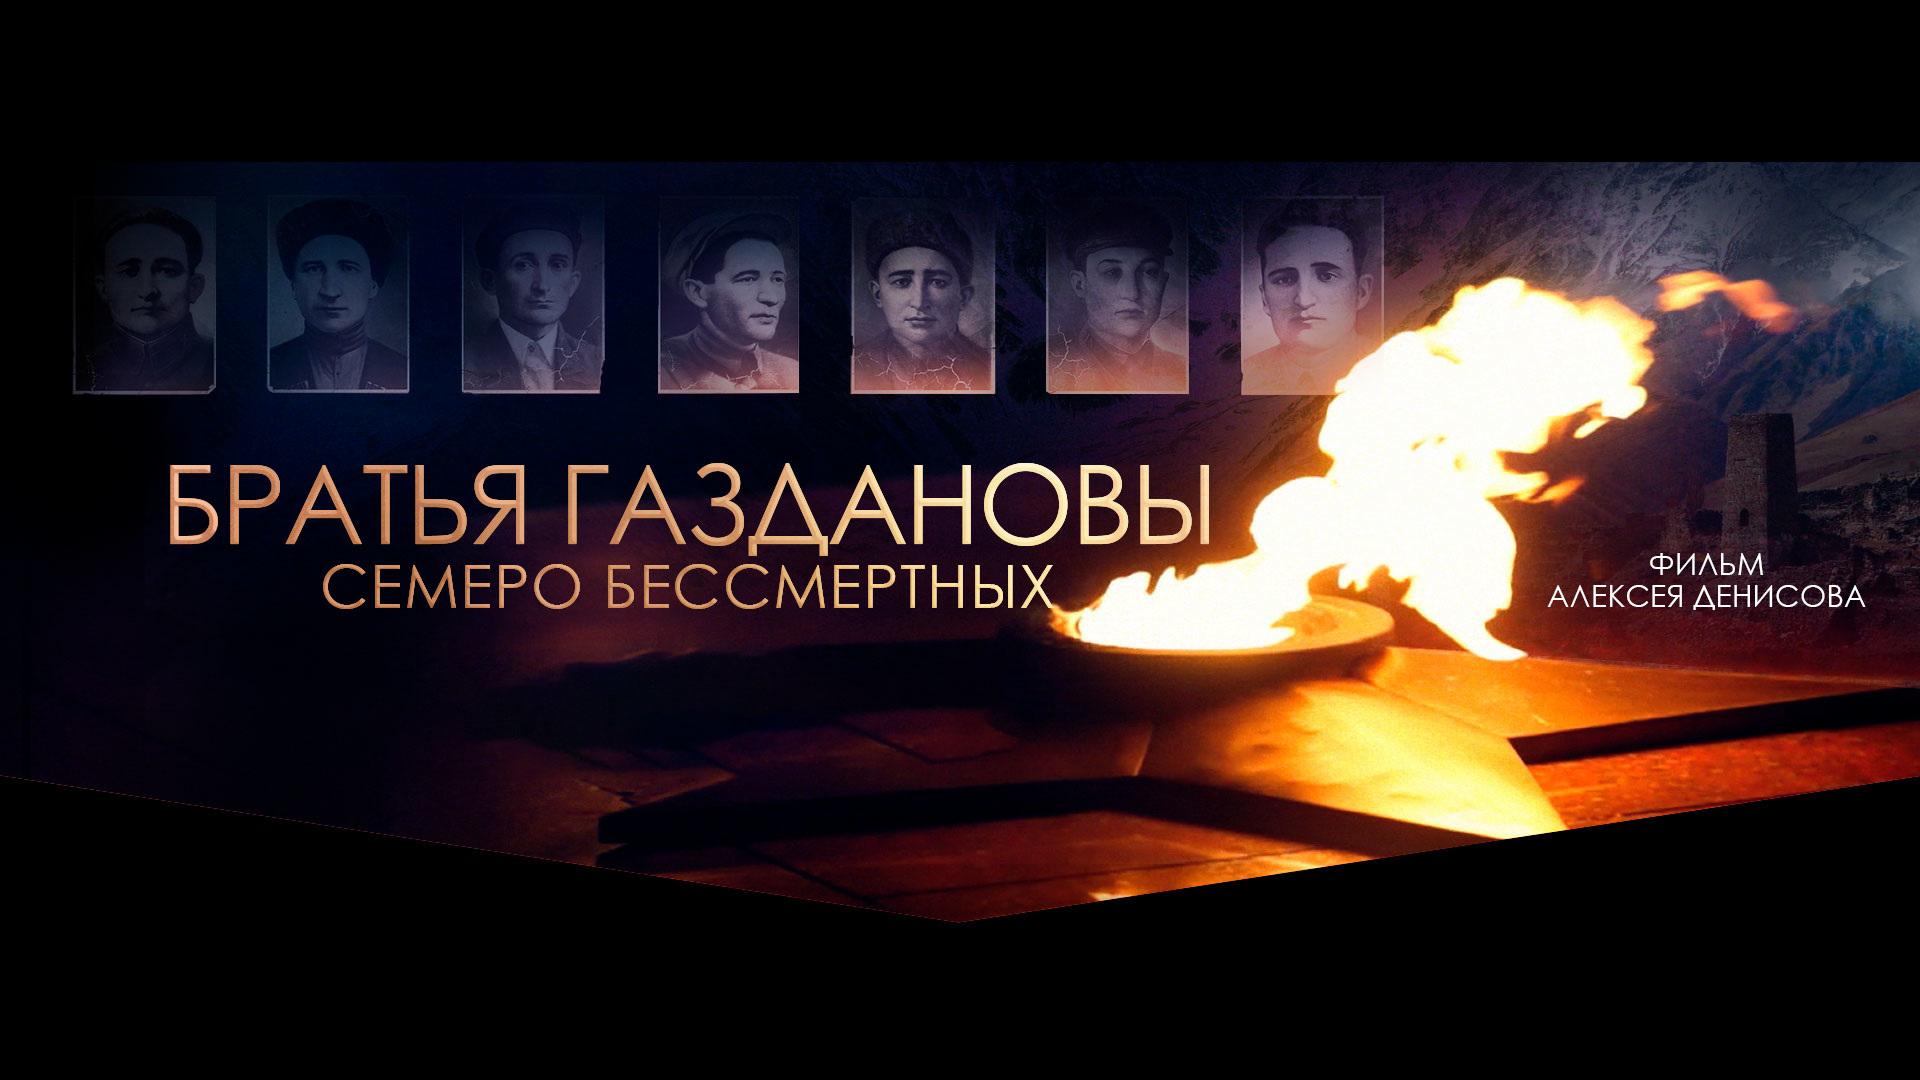 Братья Газдановы. Семеро бессмертных